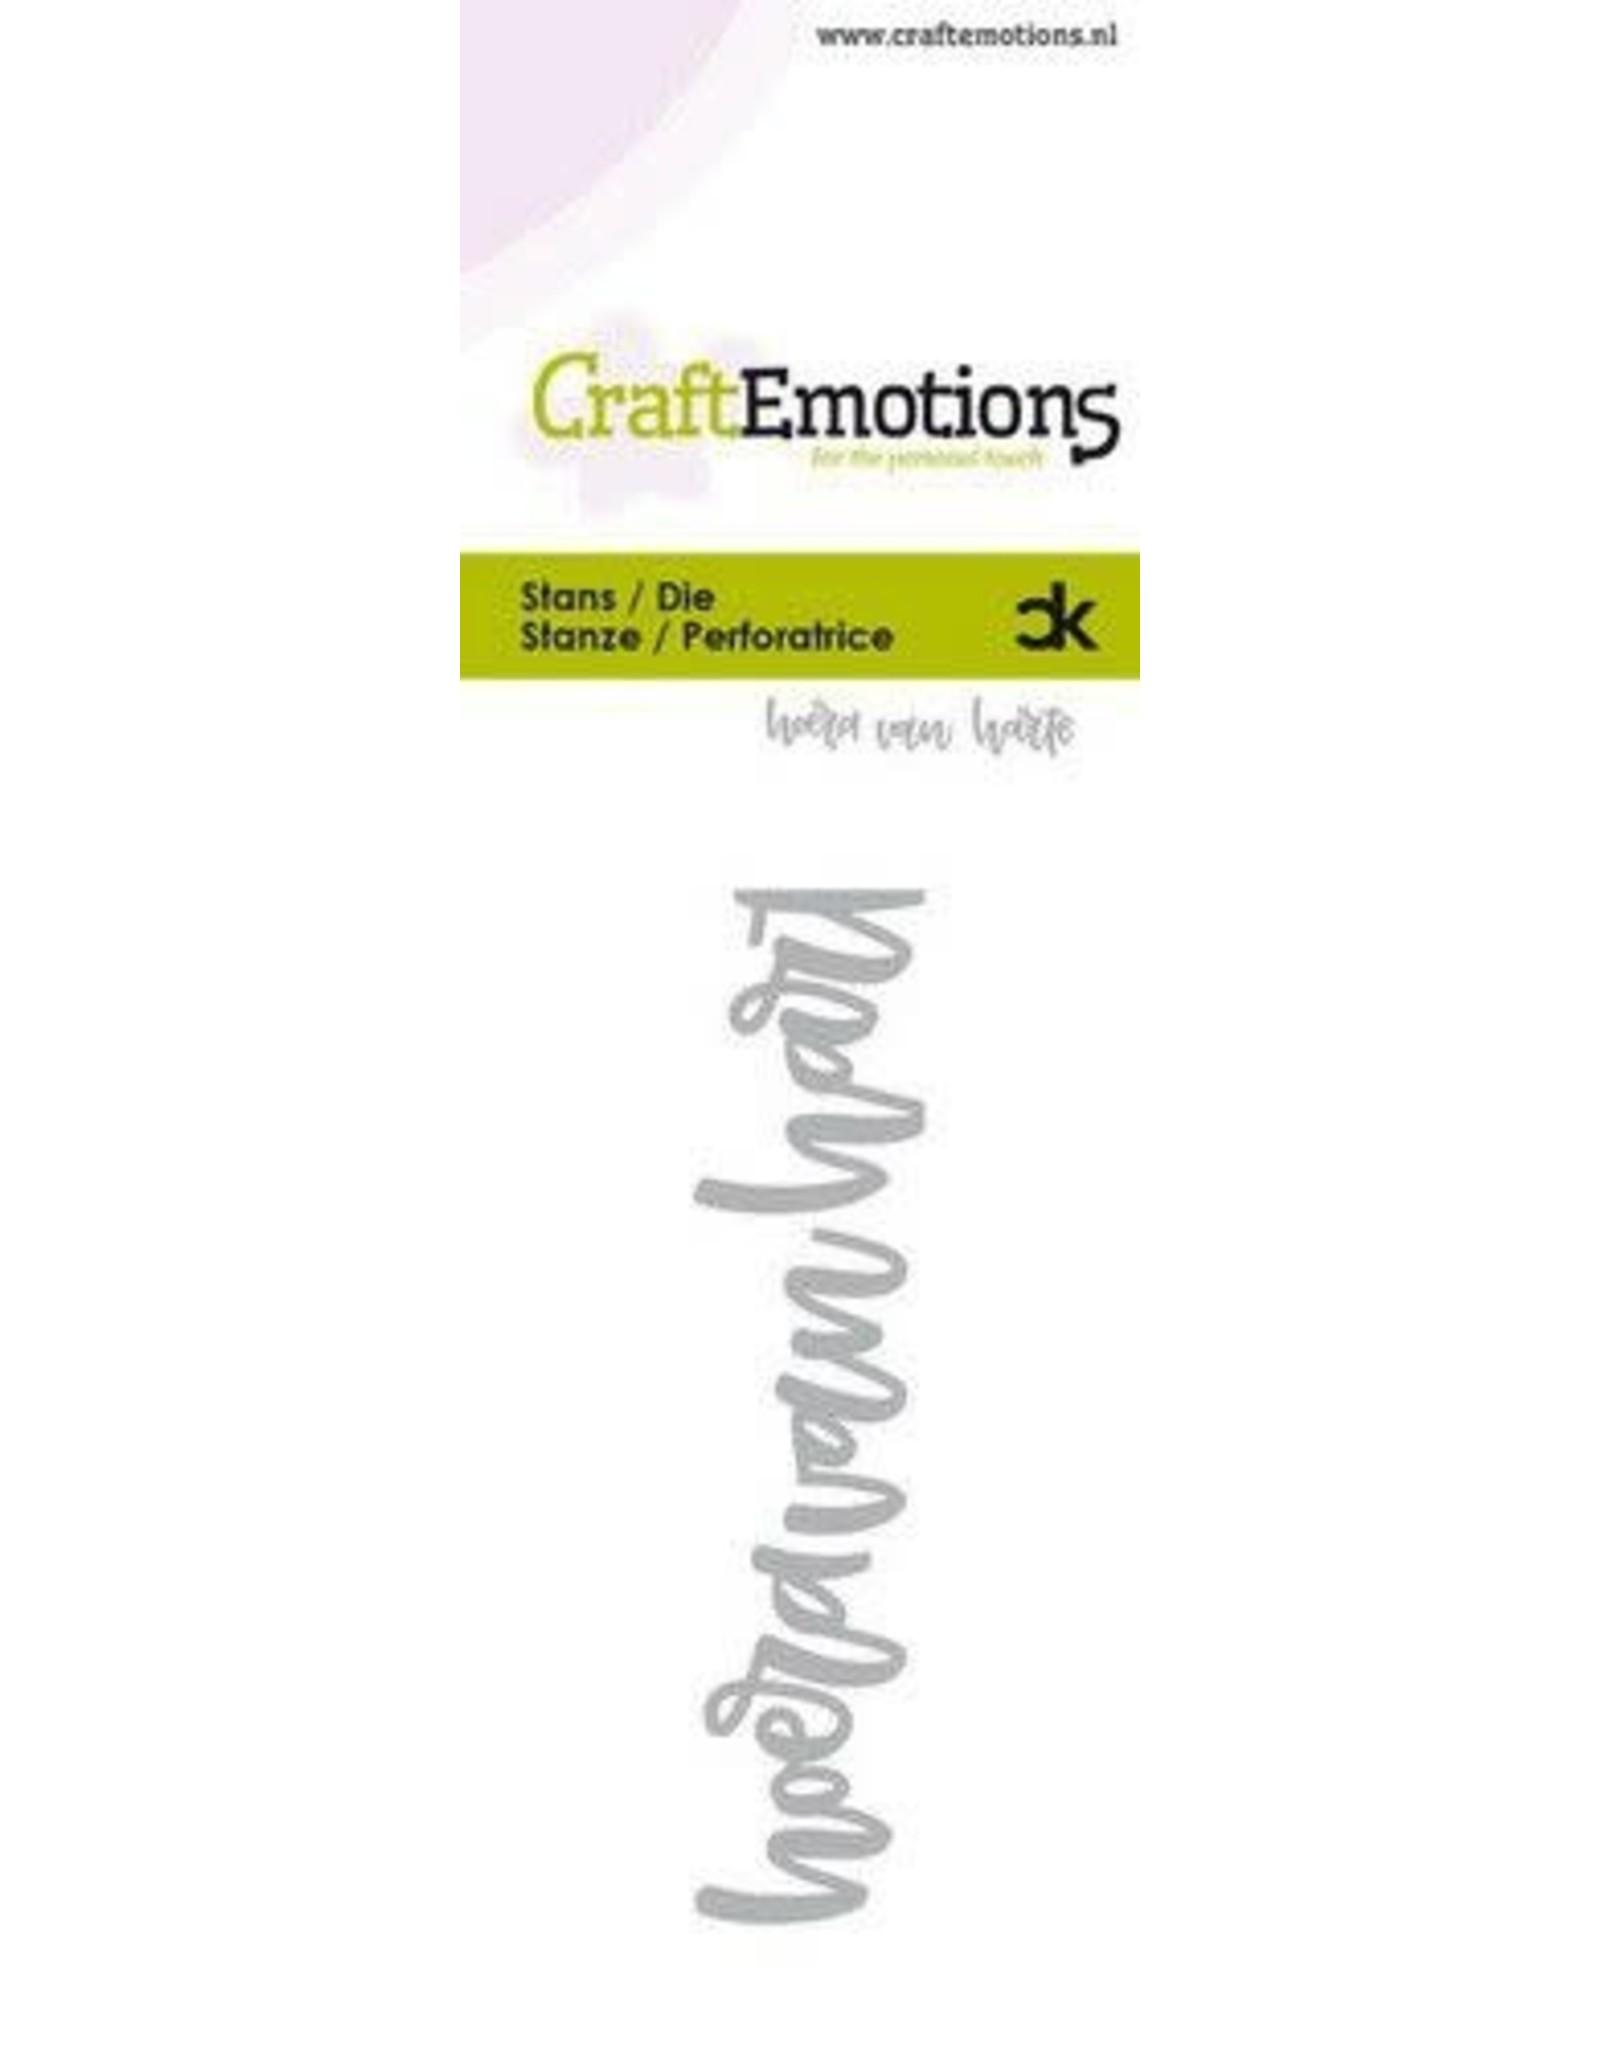 Craft Emotions CraftEmotions Die Handletter - hoera van harte (NL) Card 5x10cm Carla Kamphuis